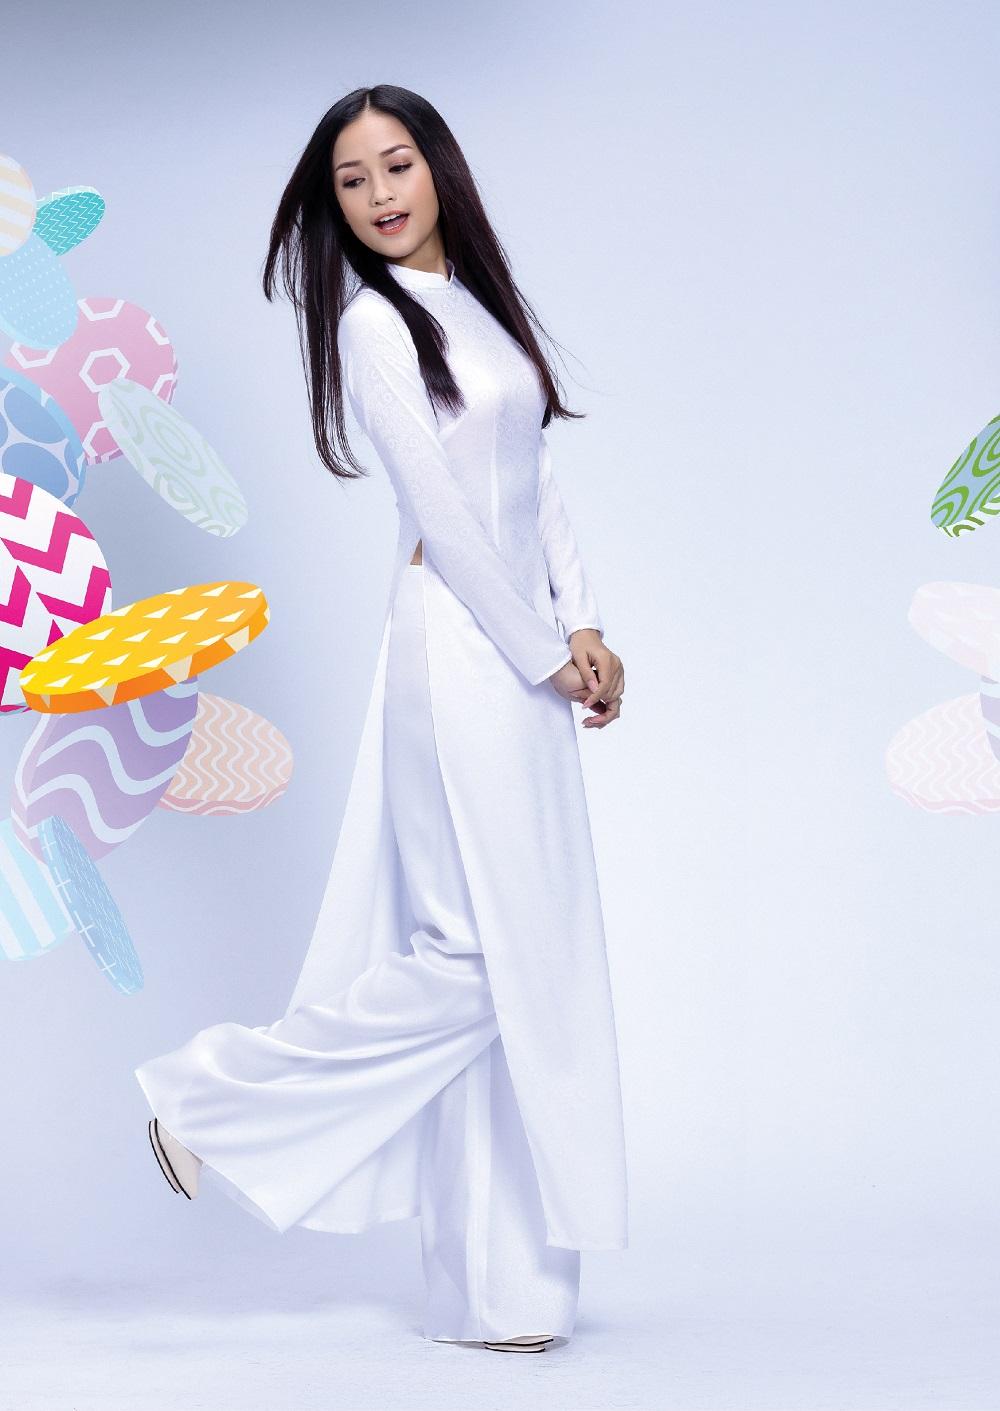 Đẹp tinh khôi với áo dài trắng lấy cảm hứng từ hội họa - Ảnh 1.